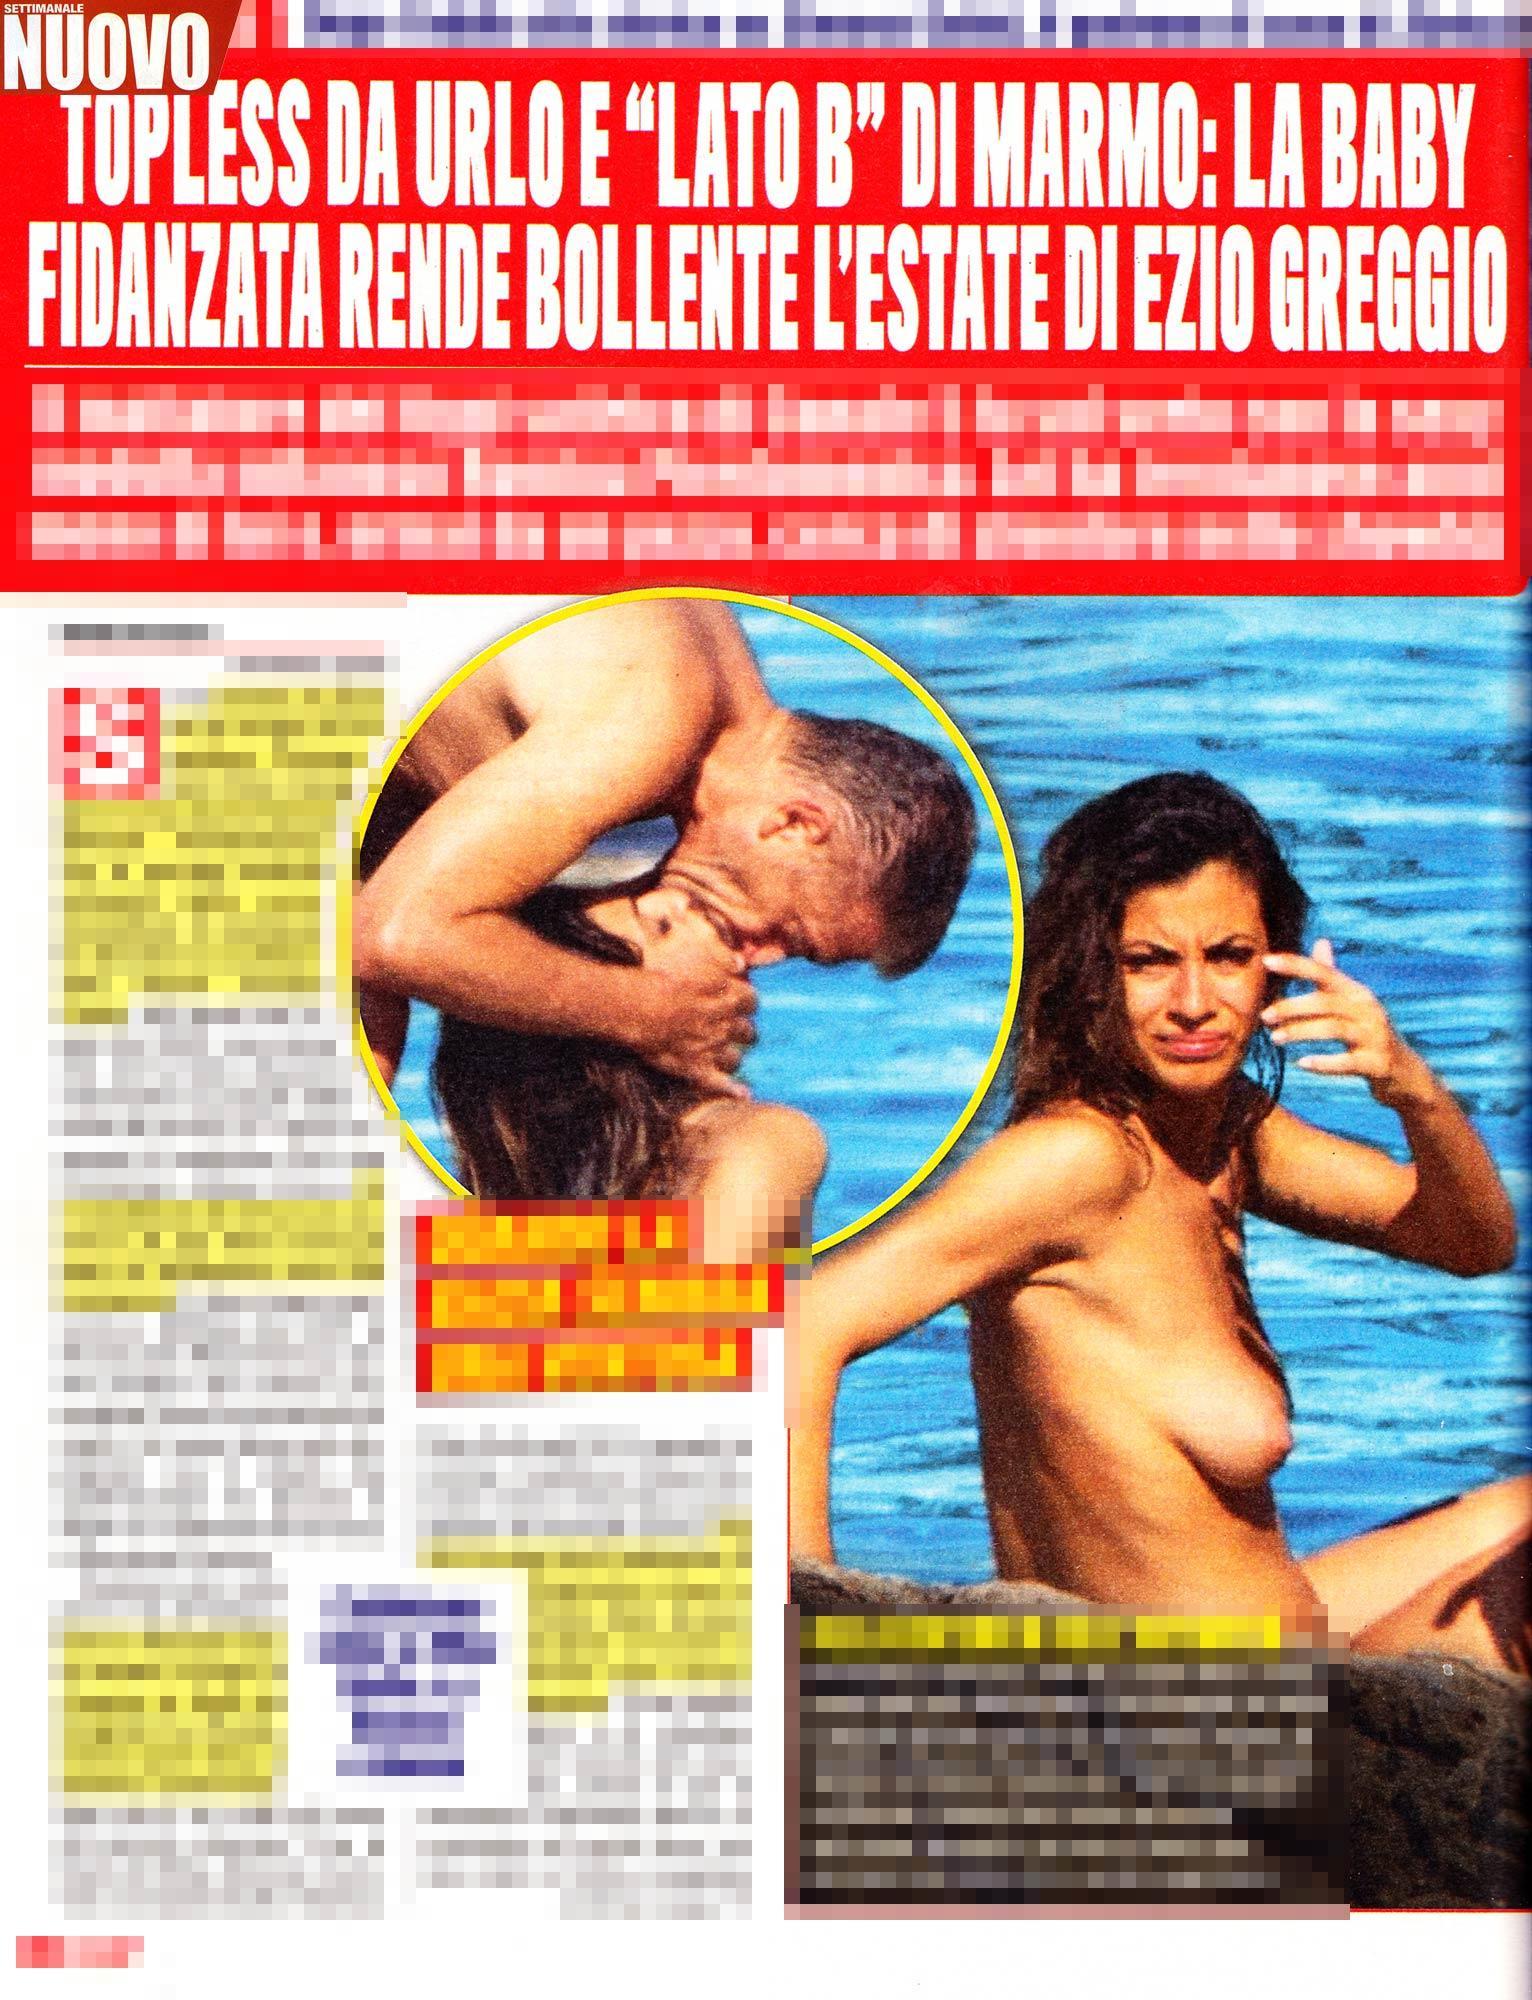 Ezio Greggio e Romina, la sexy baby fidanzata